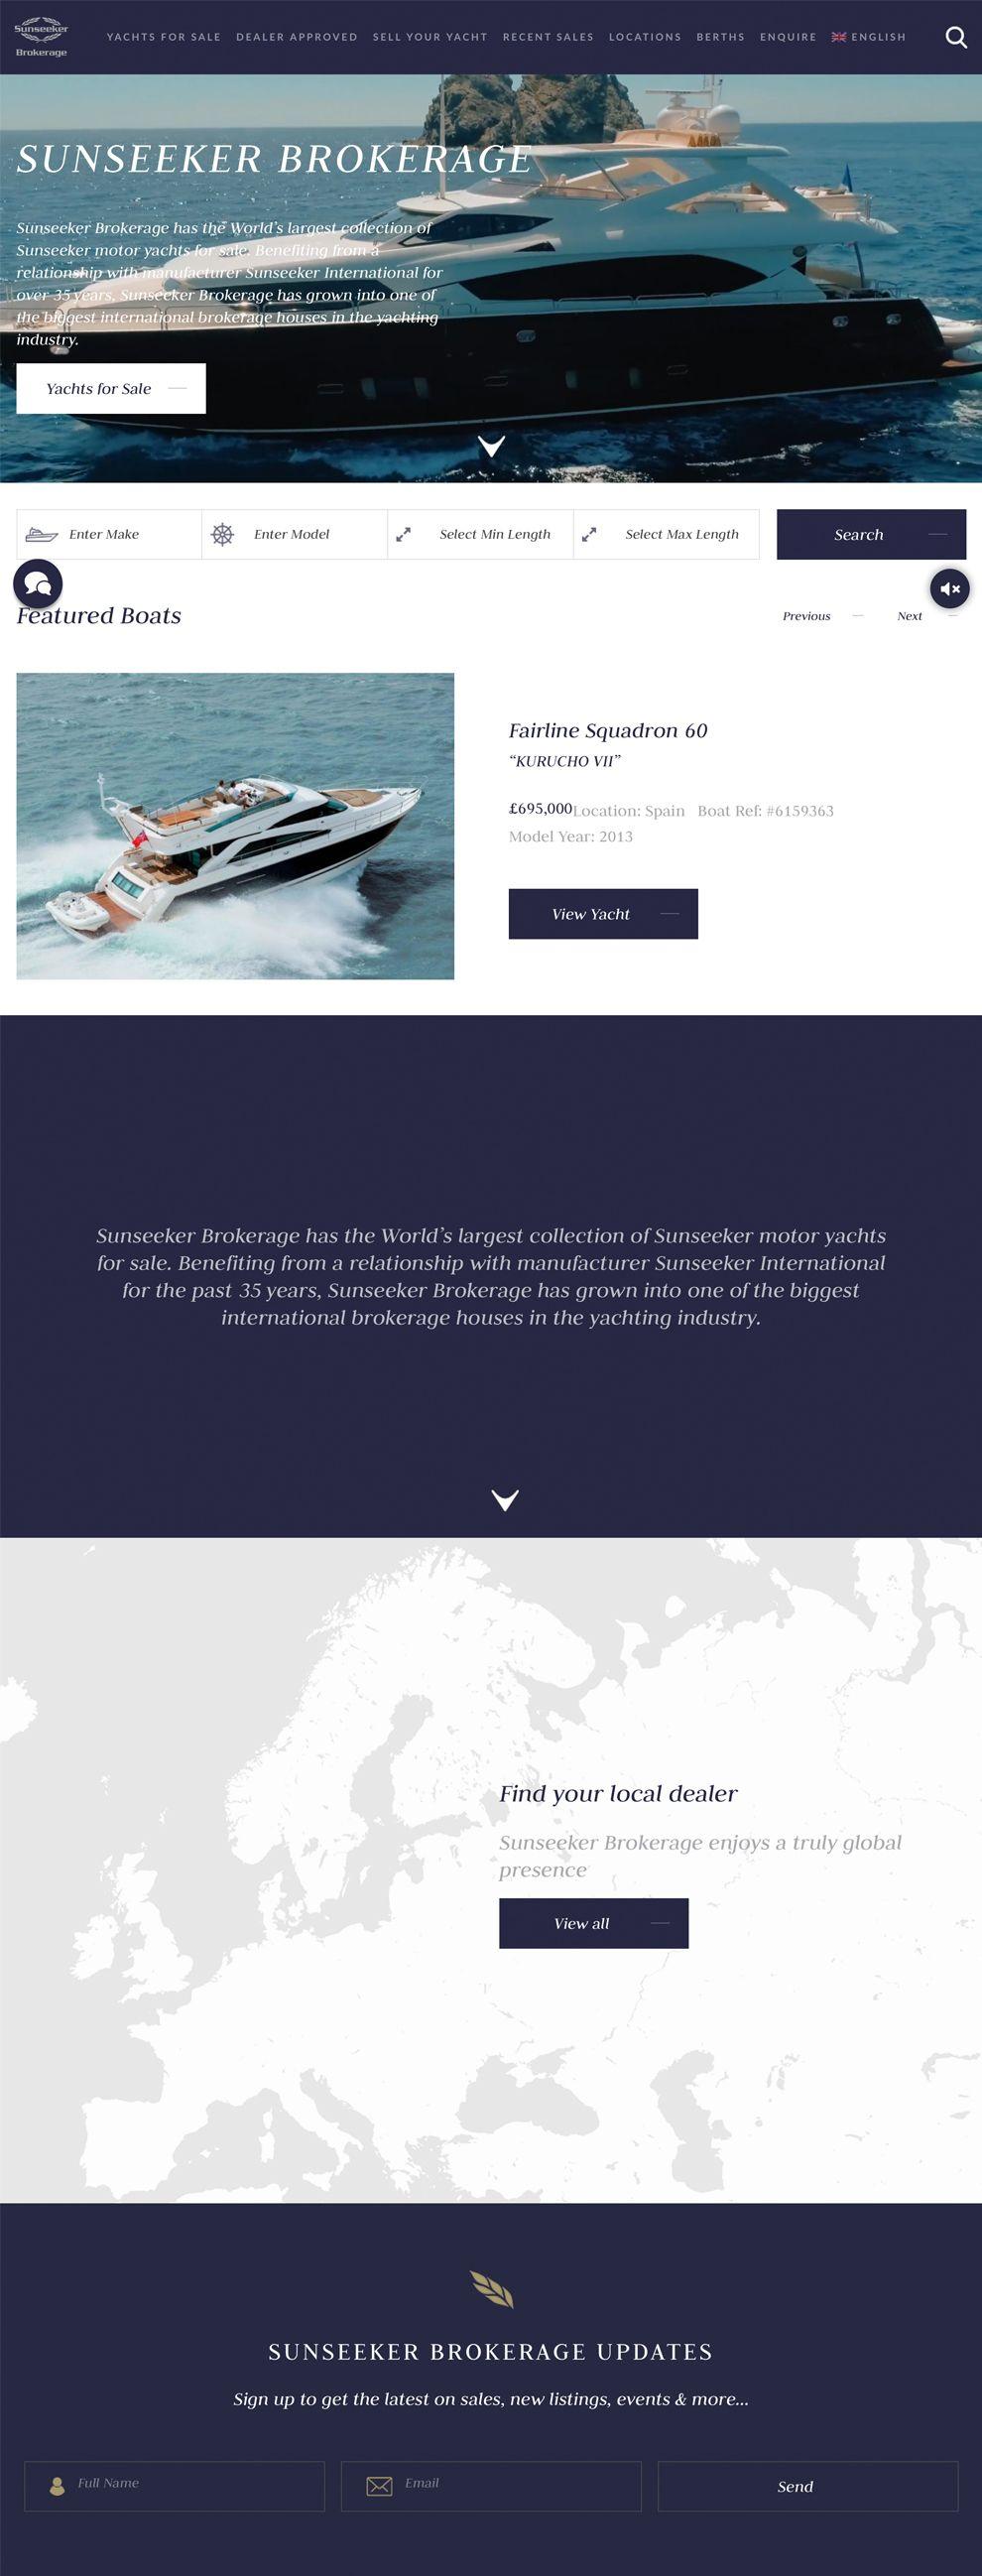 Sunseeker Brokerage Great Homepage